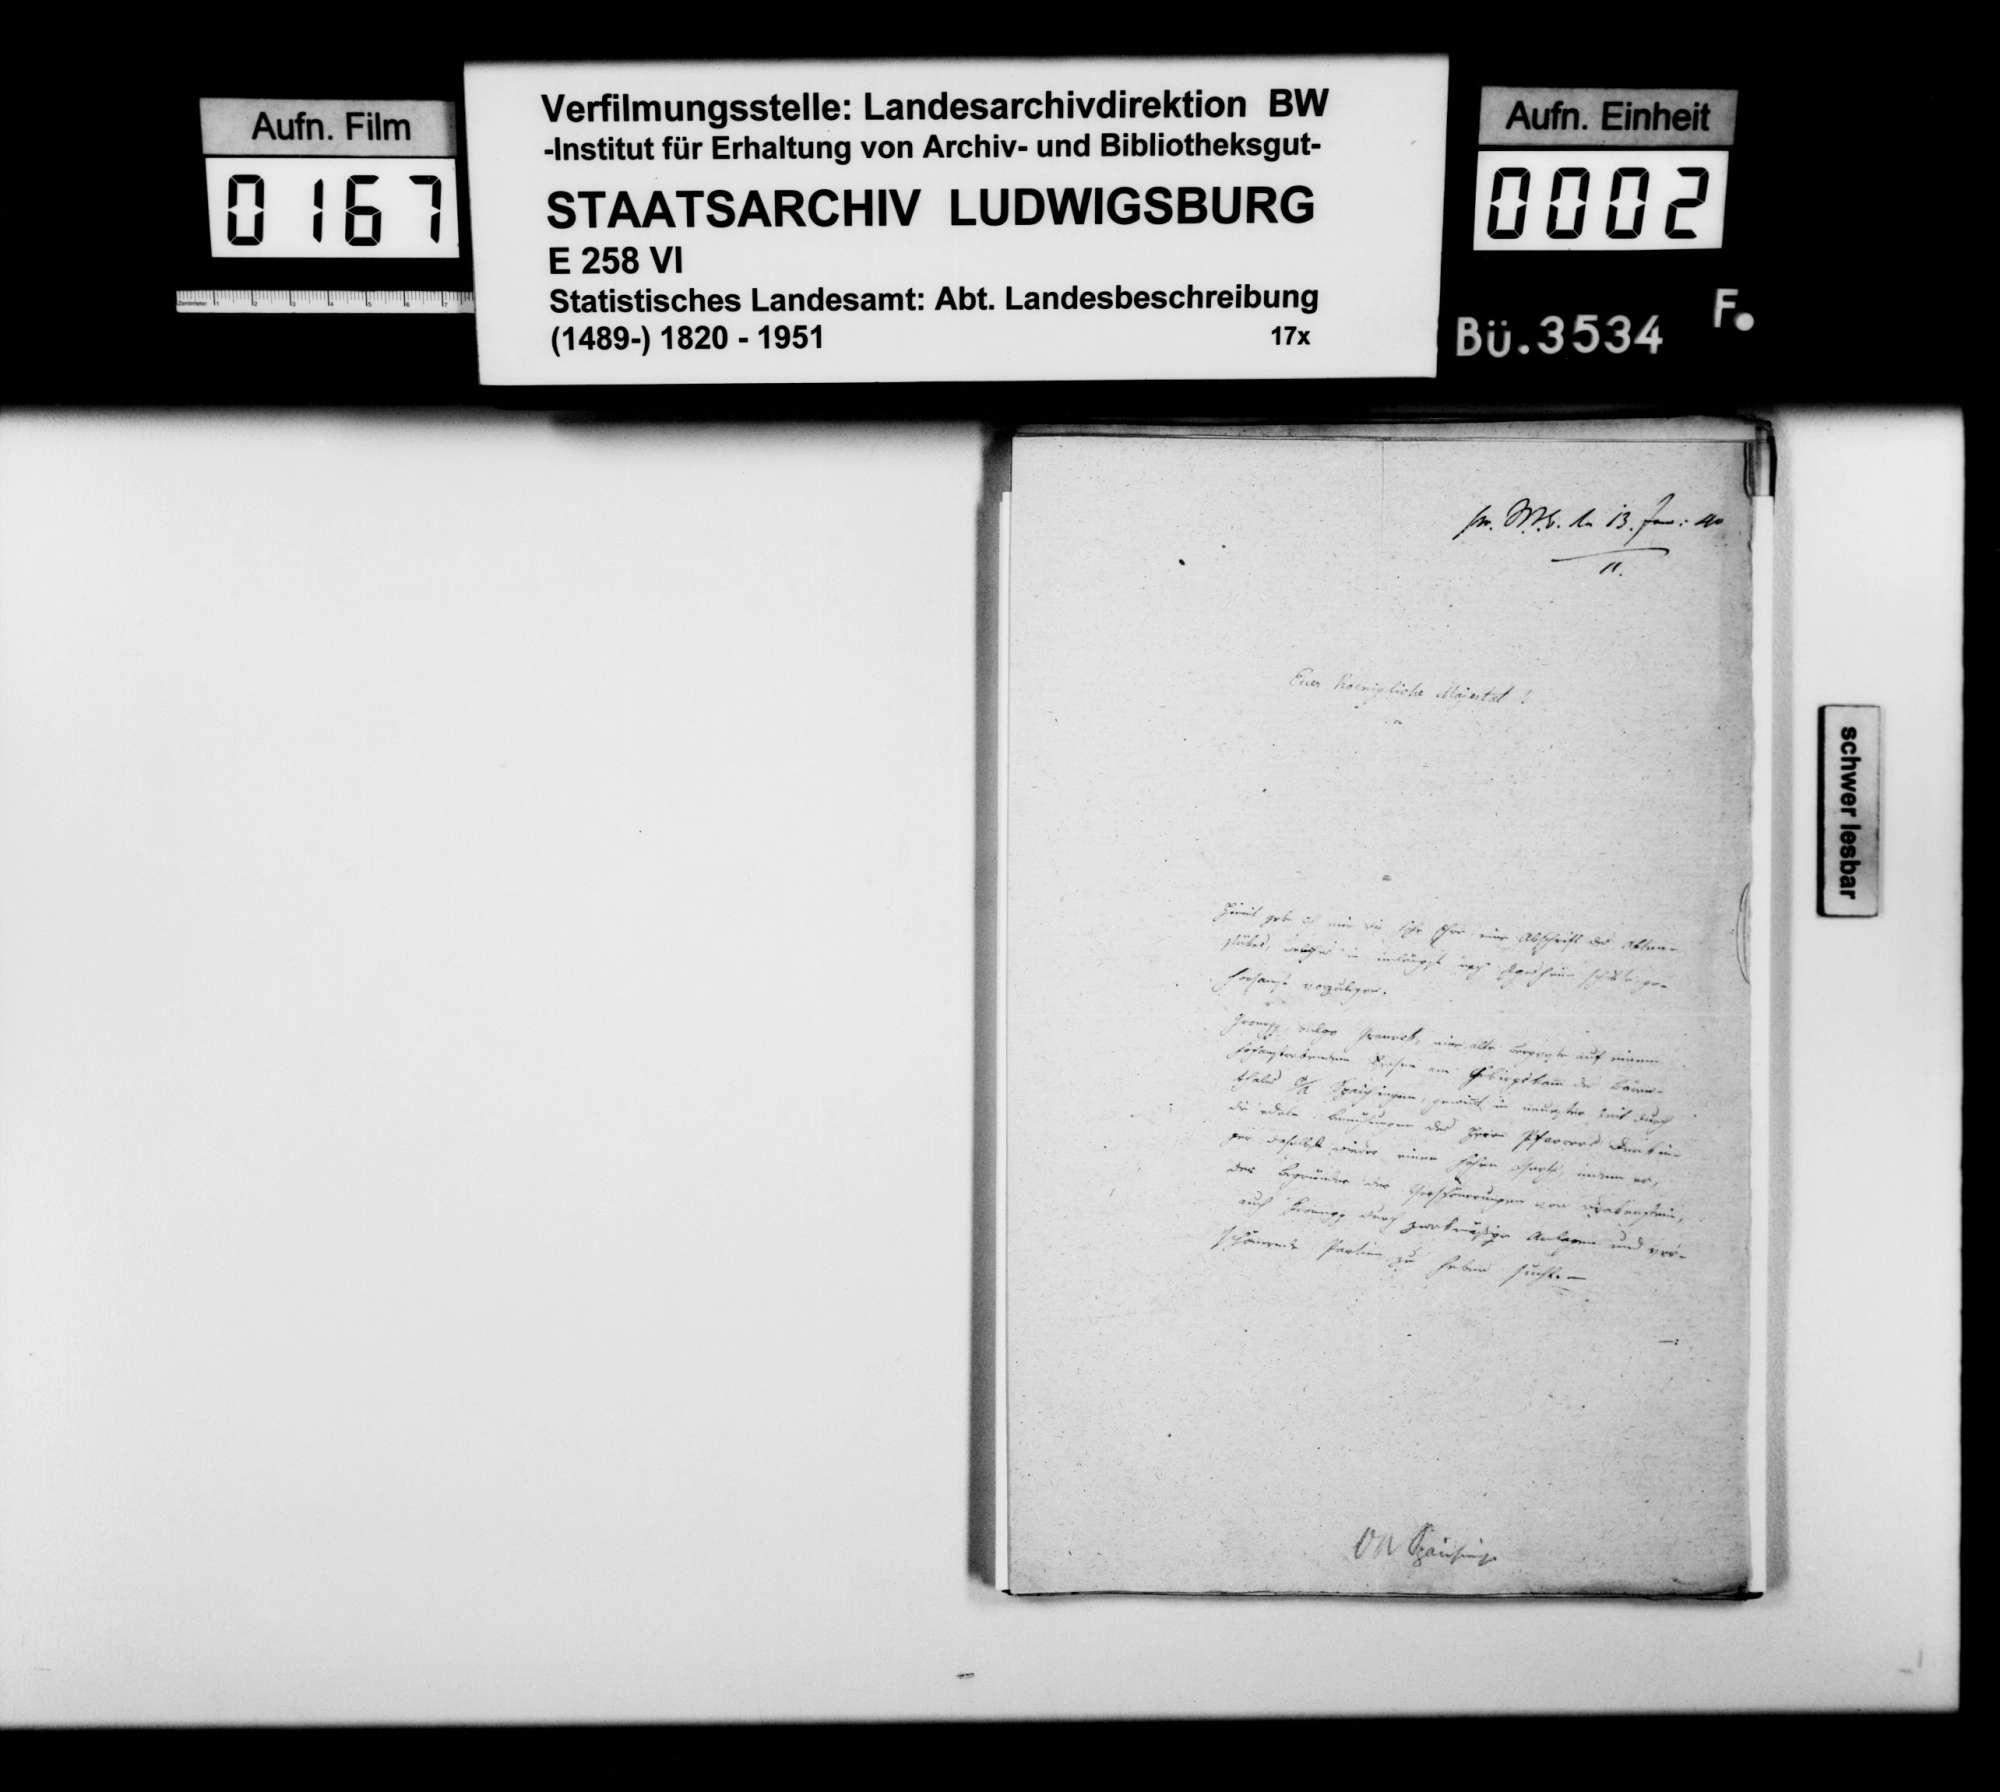 Mitteilungen und Berichte des Präzeptors Schefold aus Spaichingen über Bodenfunde, Ruinen u.dgl. in der Region, Bild 1